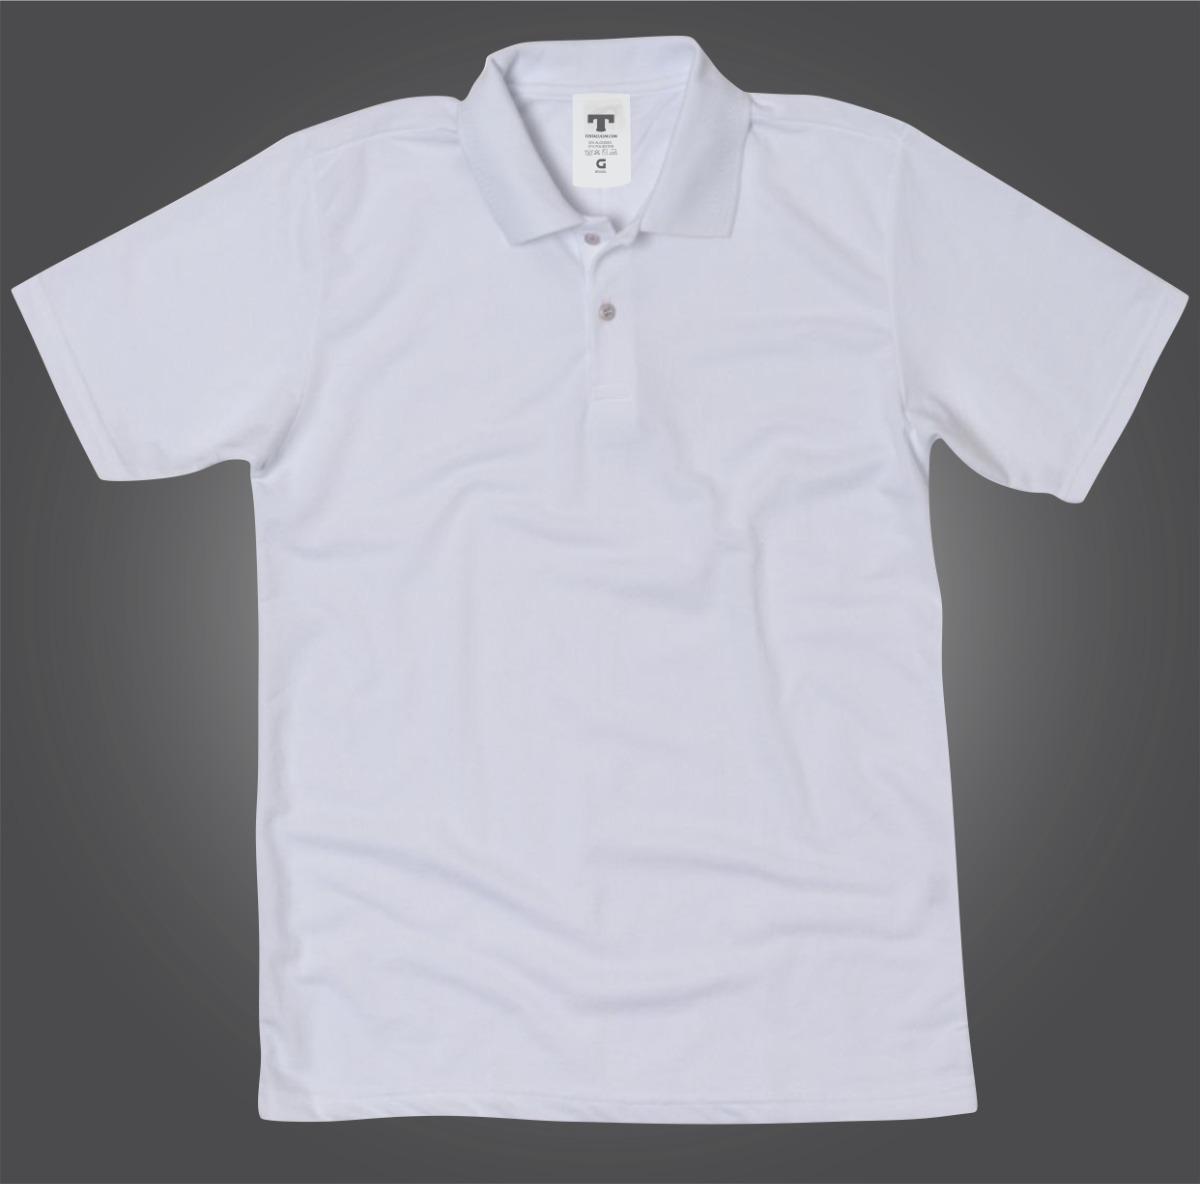 c609321afa Camisa Branca Polo Branca Blusa Polo Branca Para Uniforme - R  39